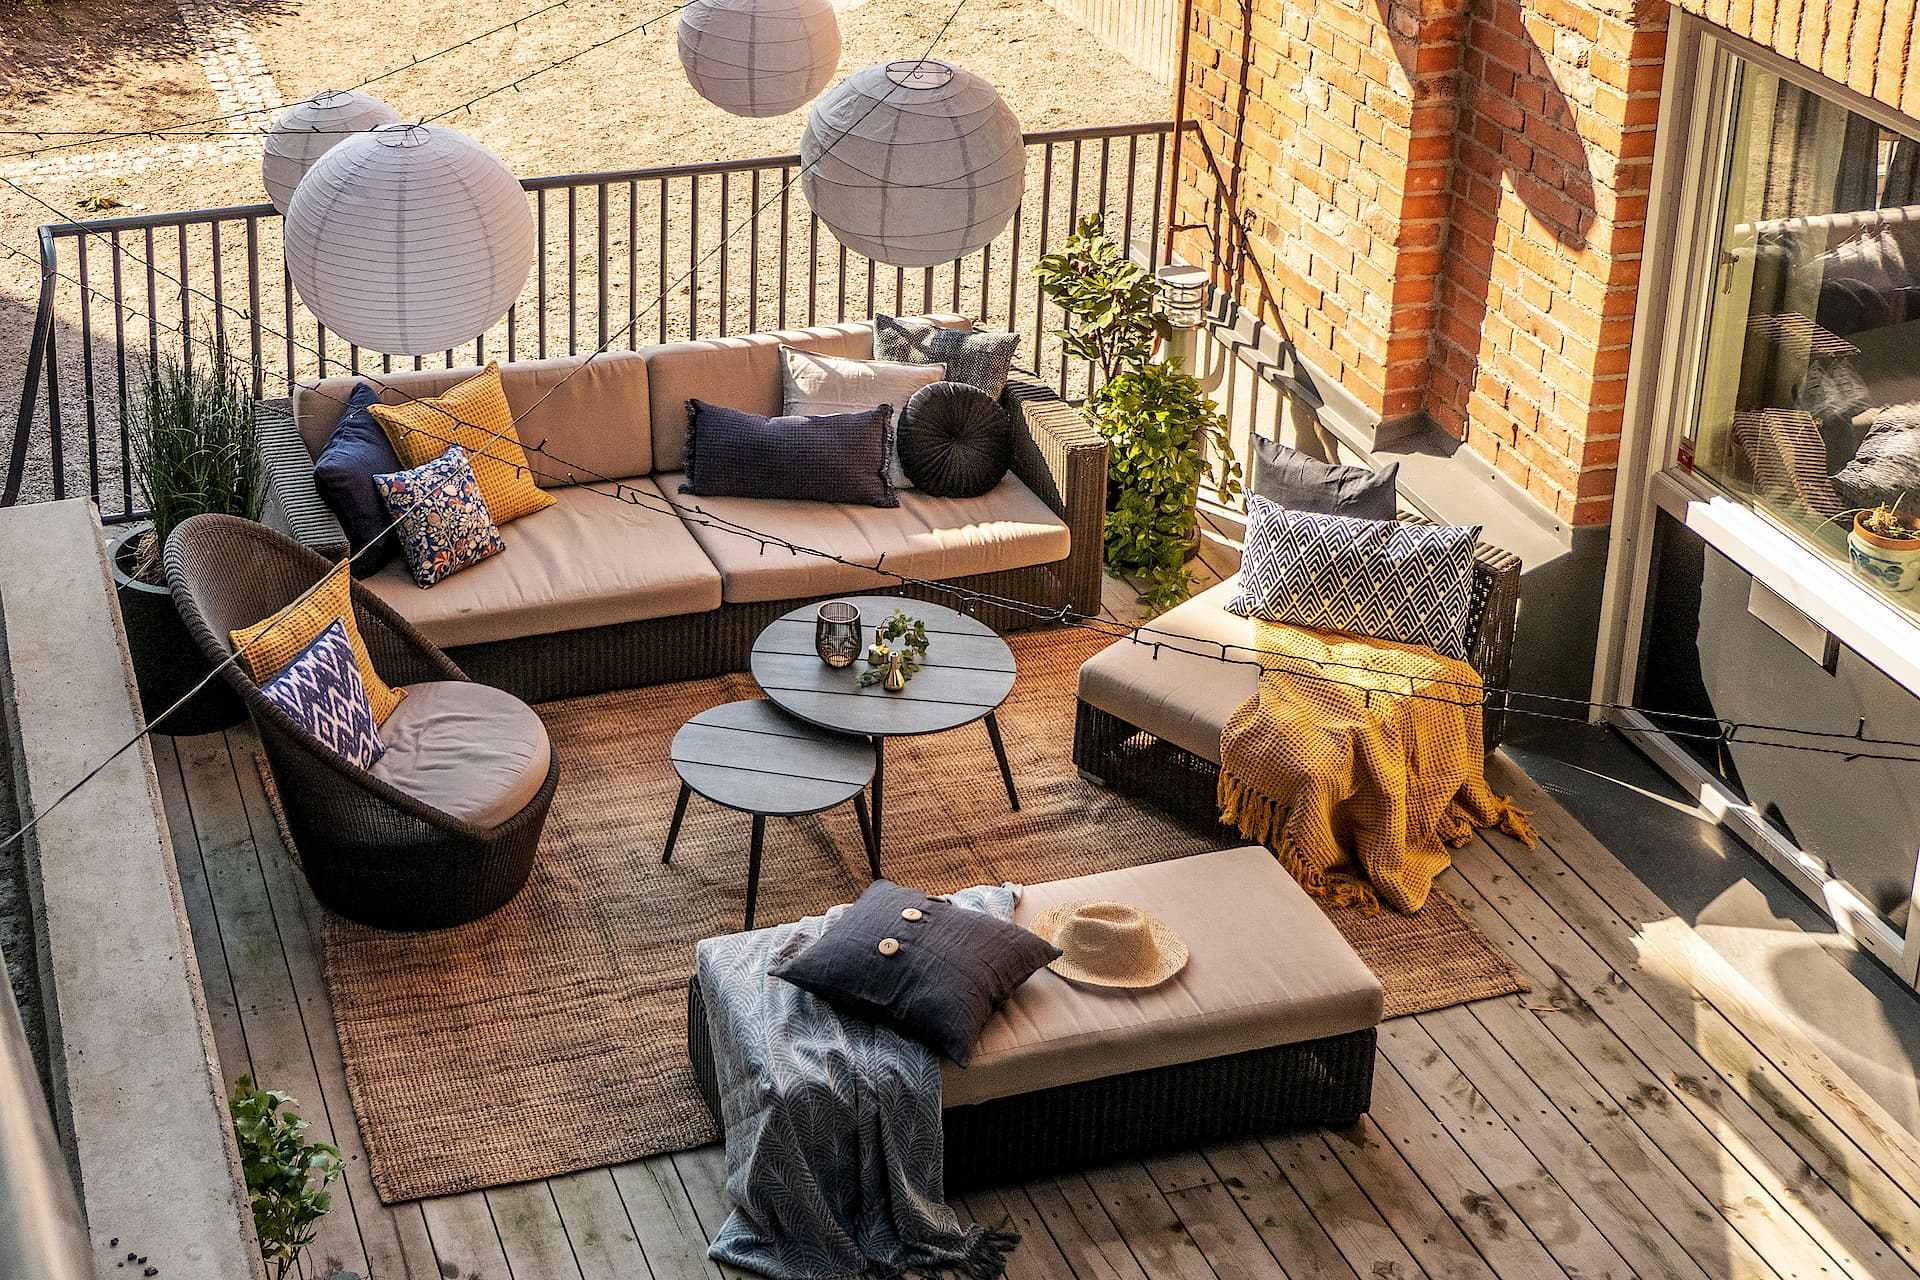 Aménagement De Terrasse & Balcon : Idées Et Conseils | Hopfab pour Amanagement De Terrasse